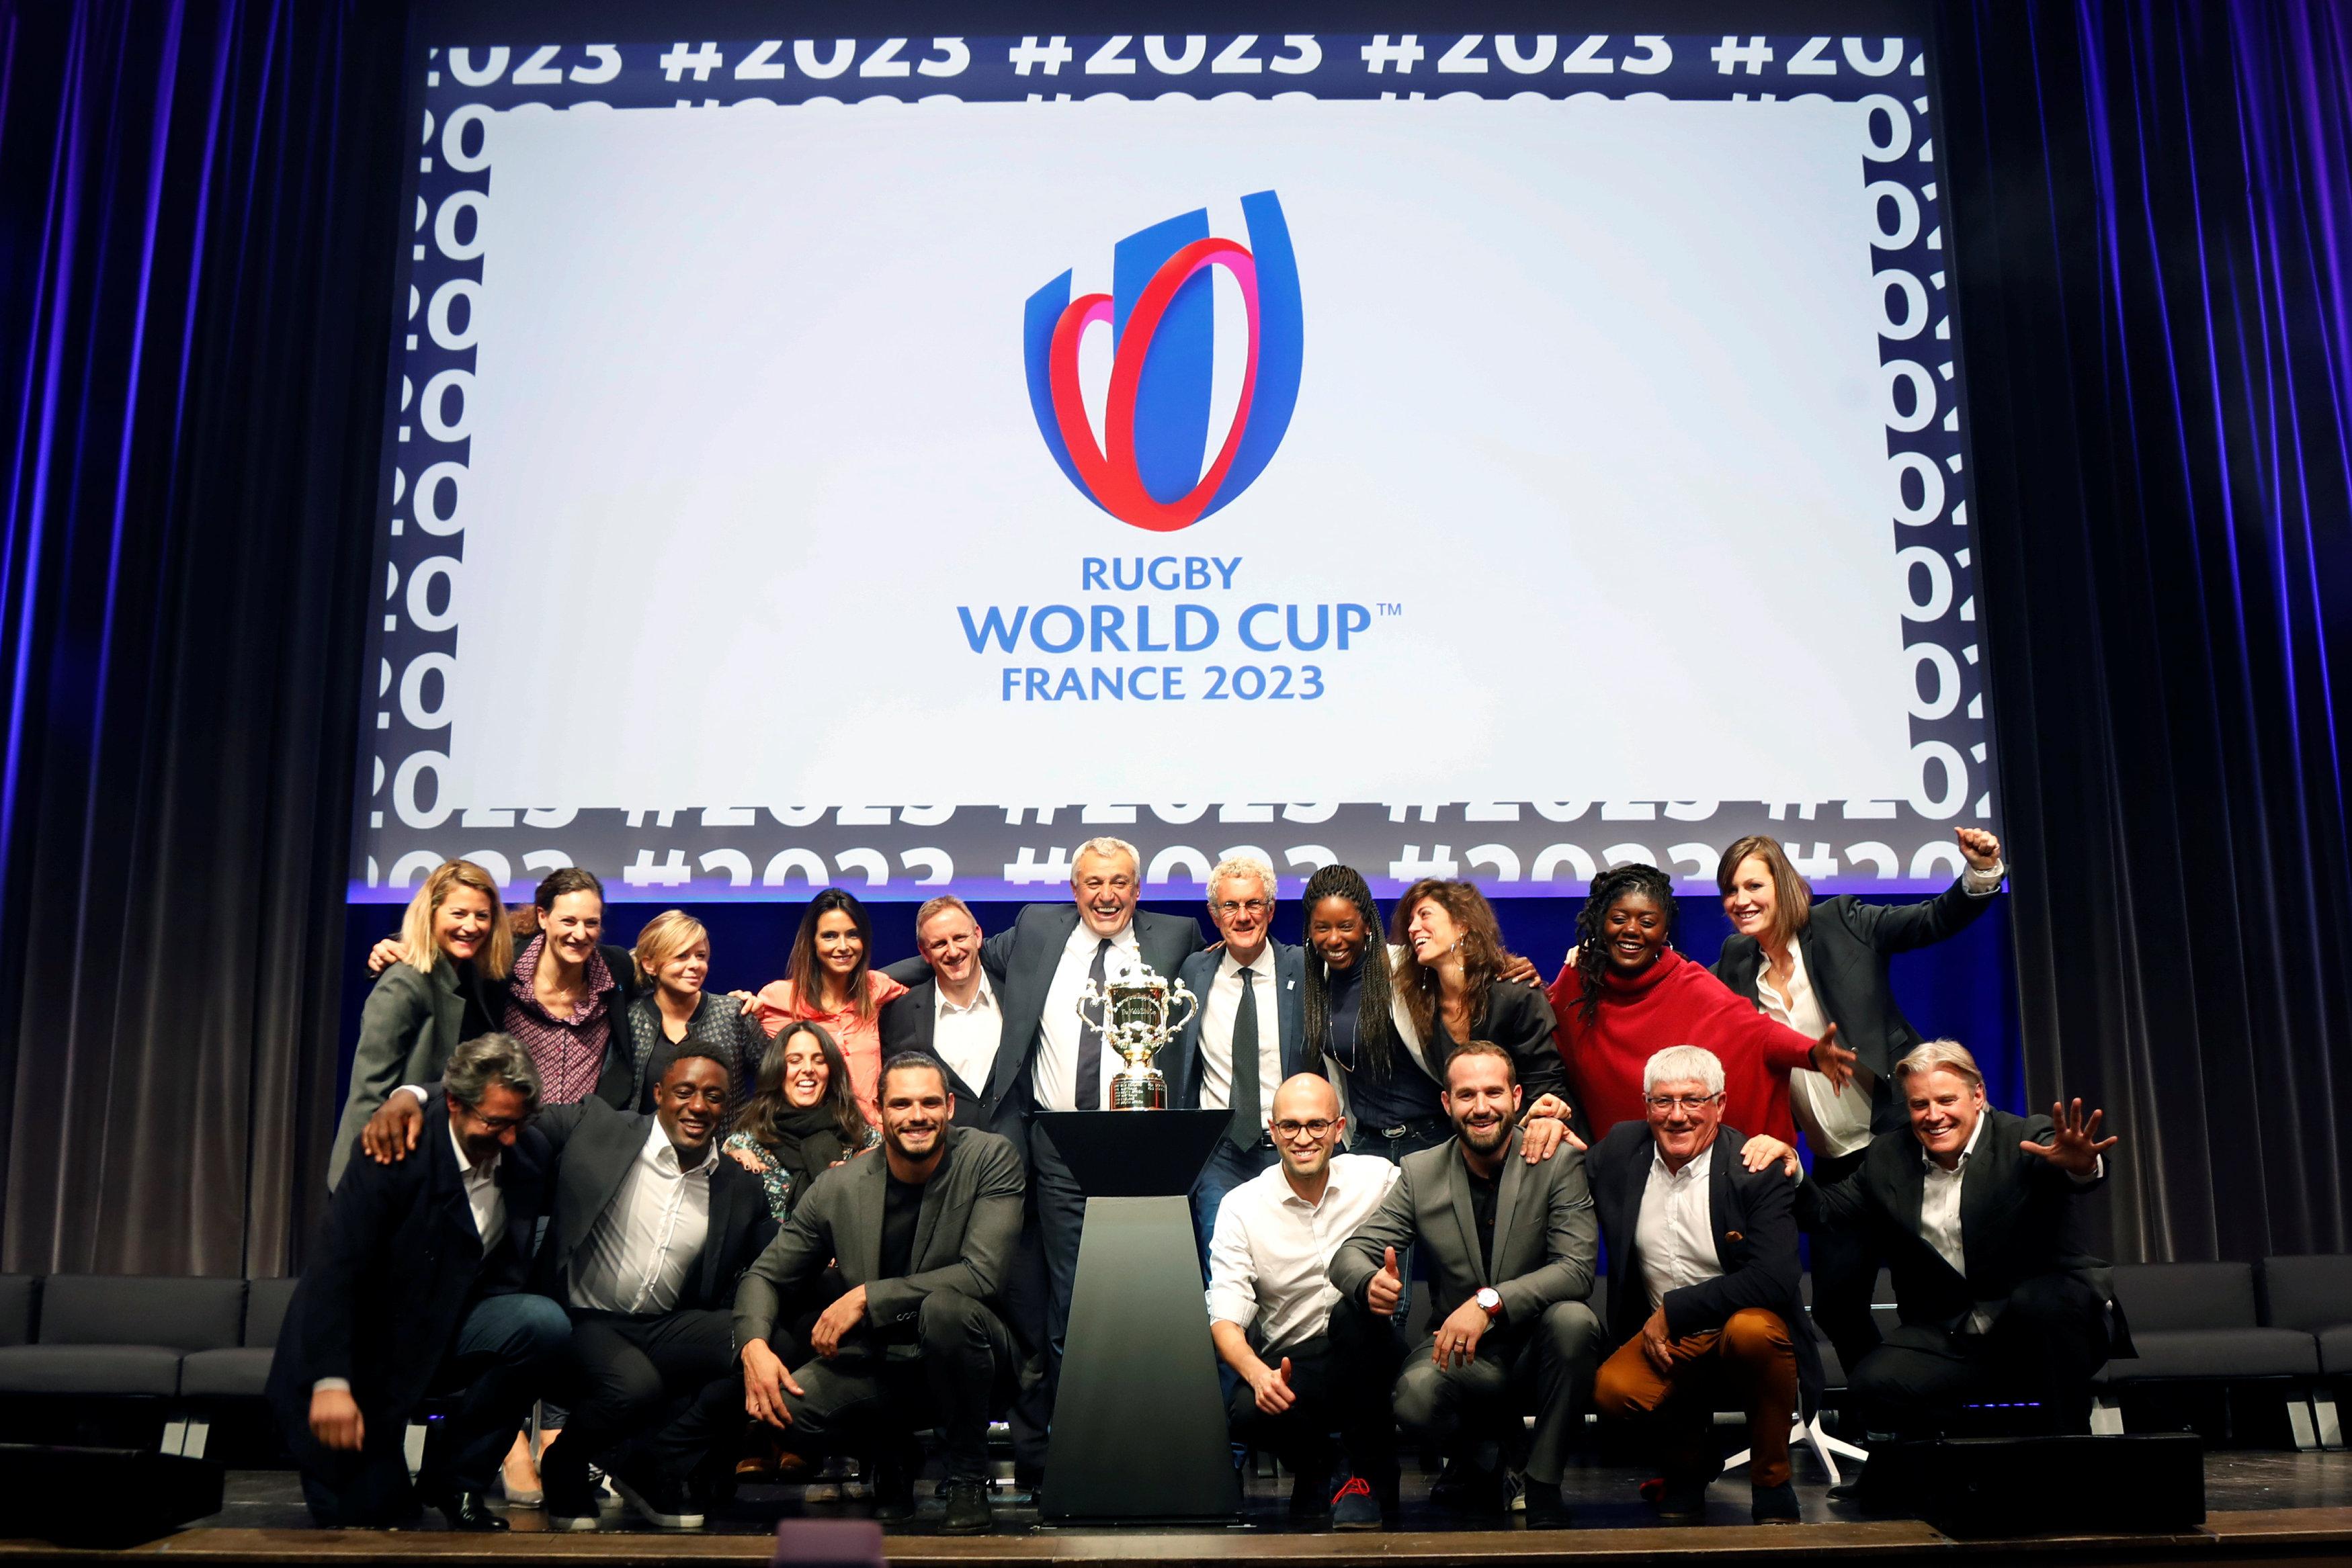 rugby france 2023 d voile son logo coupe du monde 2023. Black Bedroom Furniture Sets. Home Design Ideas